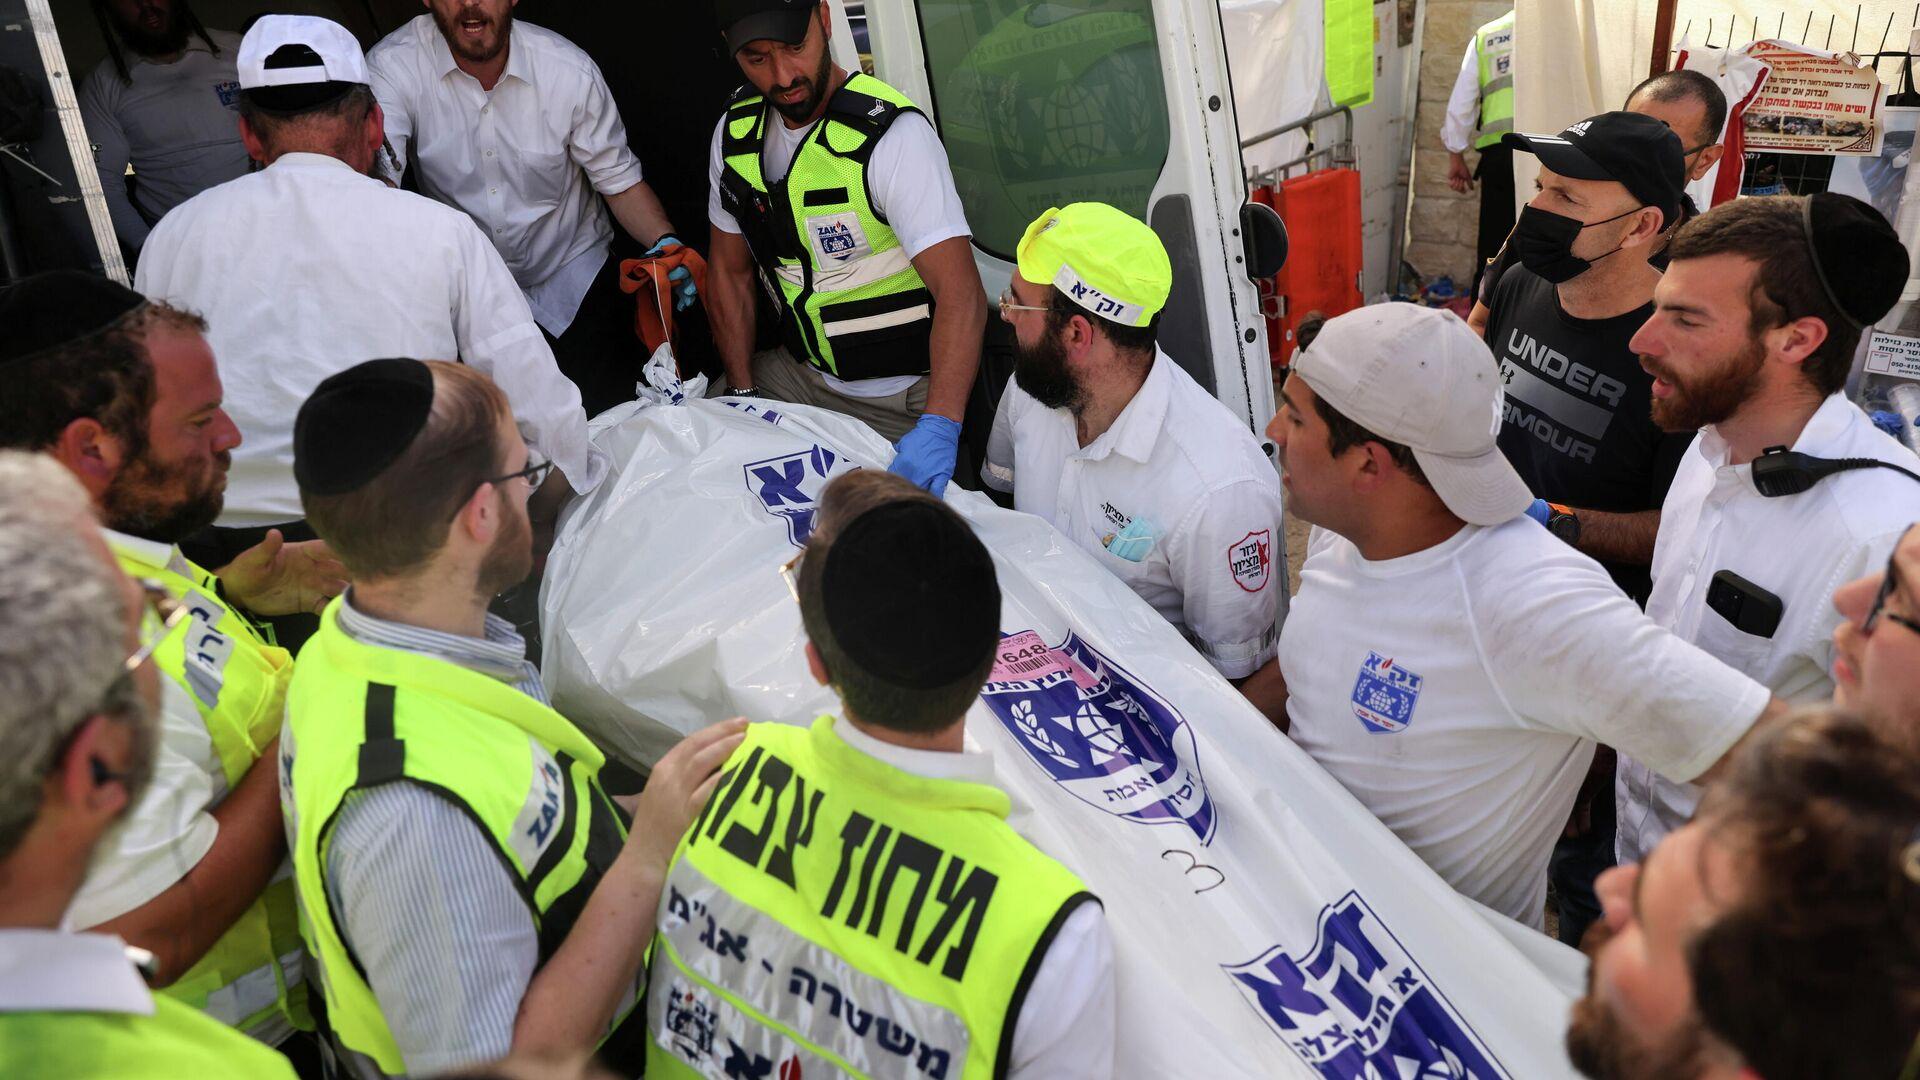 Rescatistas llevan un cadáver a una ambulancia en el Monte Meron, en Israel - Sputnik Mundo, 1920, 30.04.2021